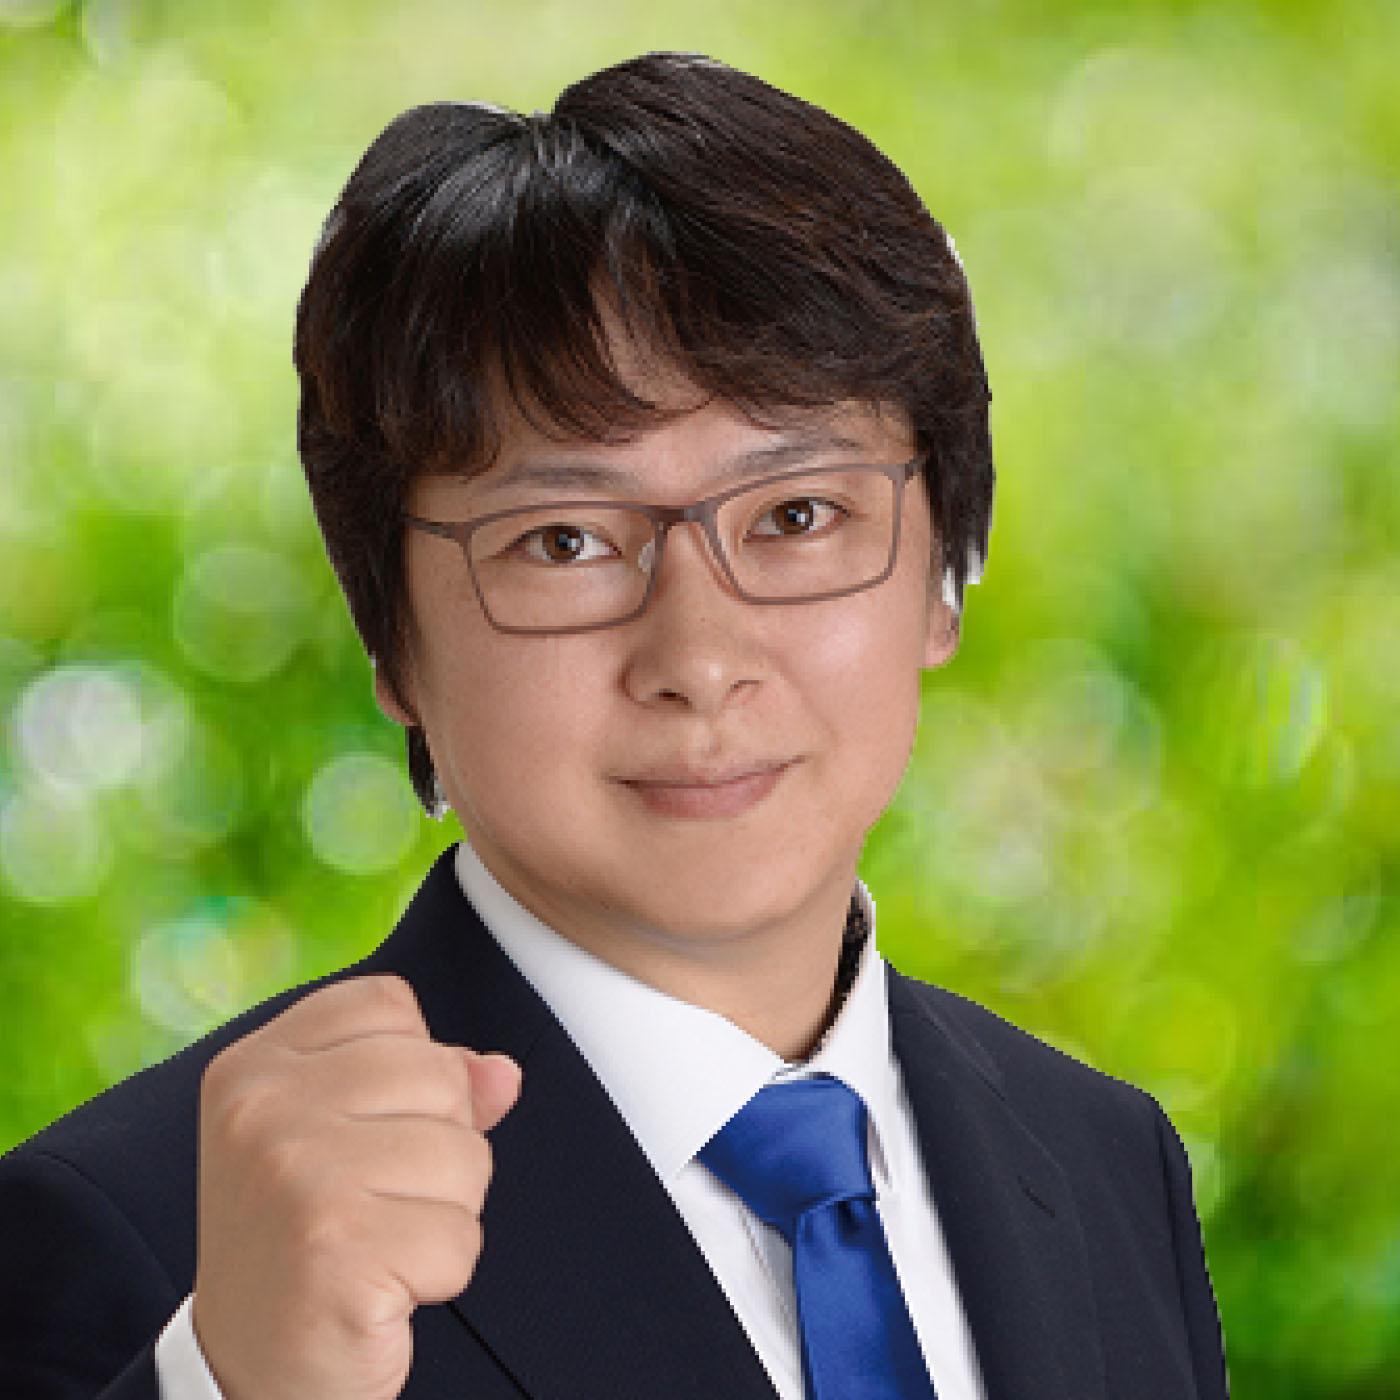 総社市議会議員 山田雅徳(やまだ まさのり)